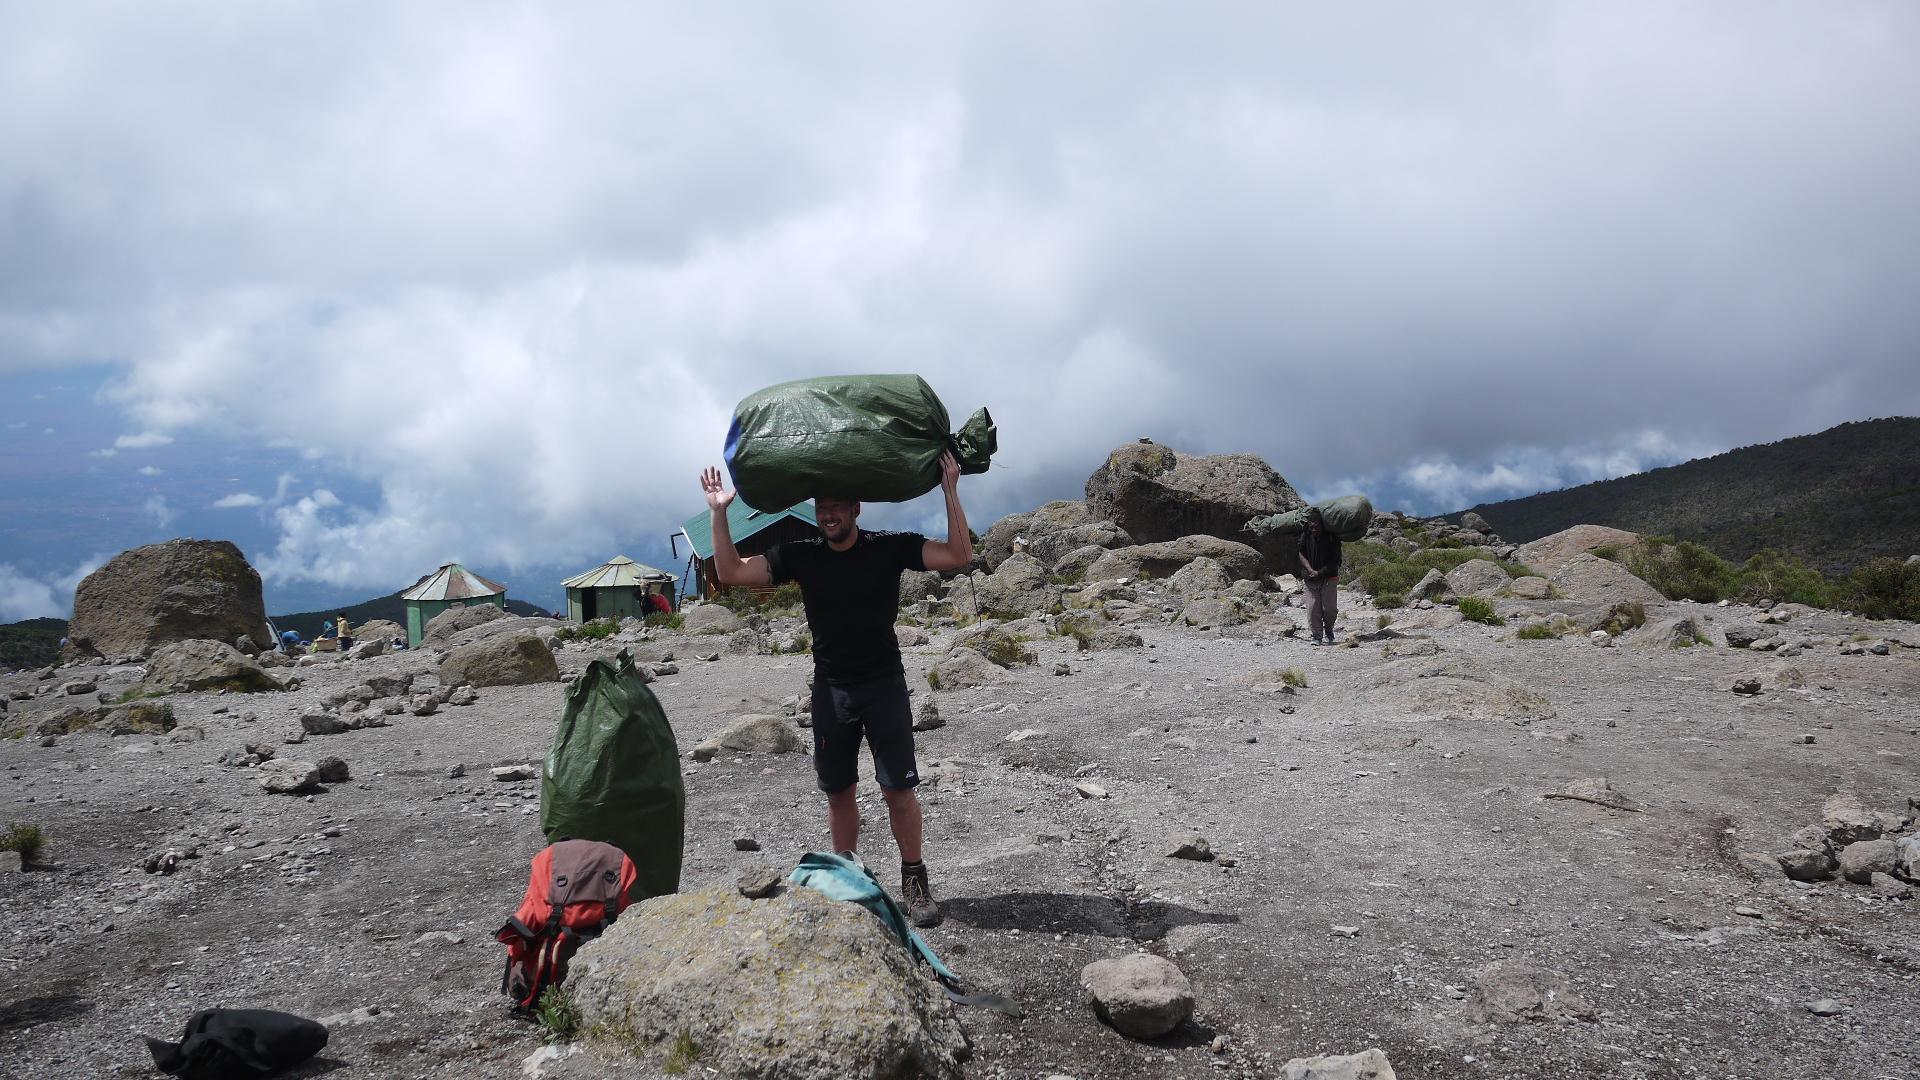 Utvärdering av utrustning, Kilimanjaro